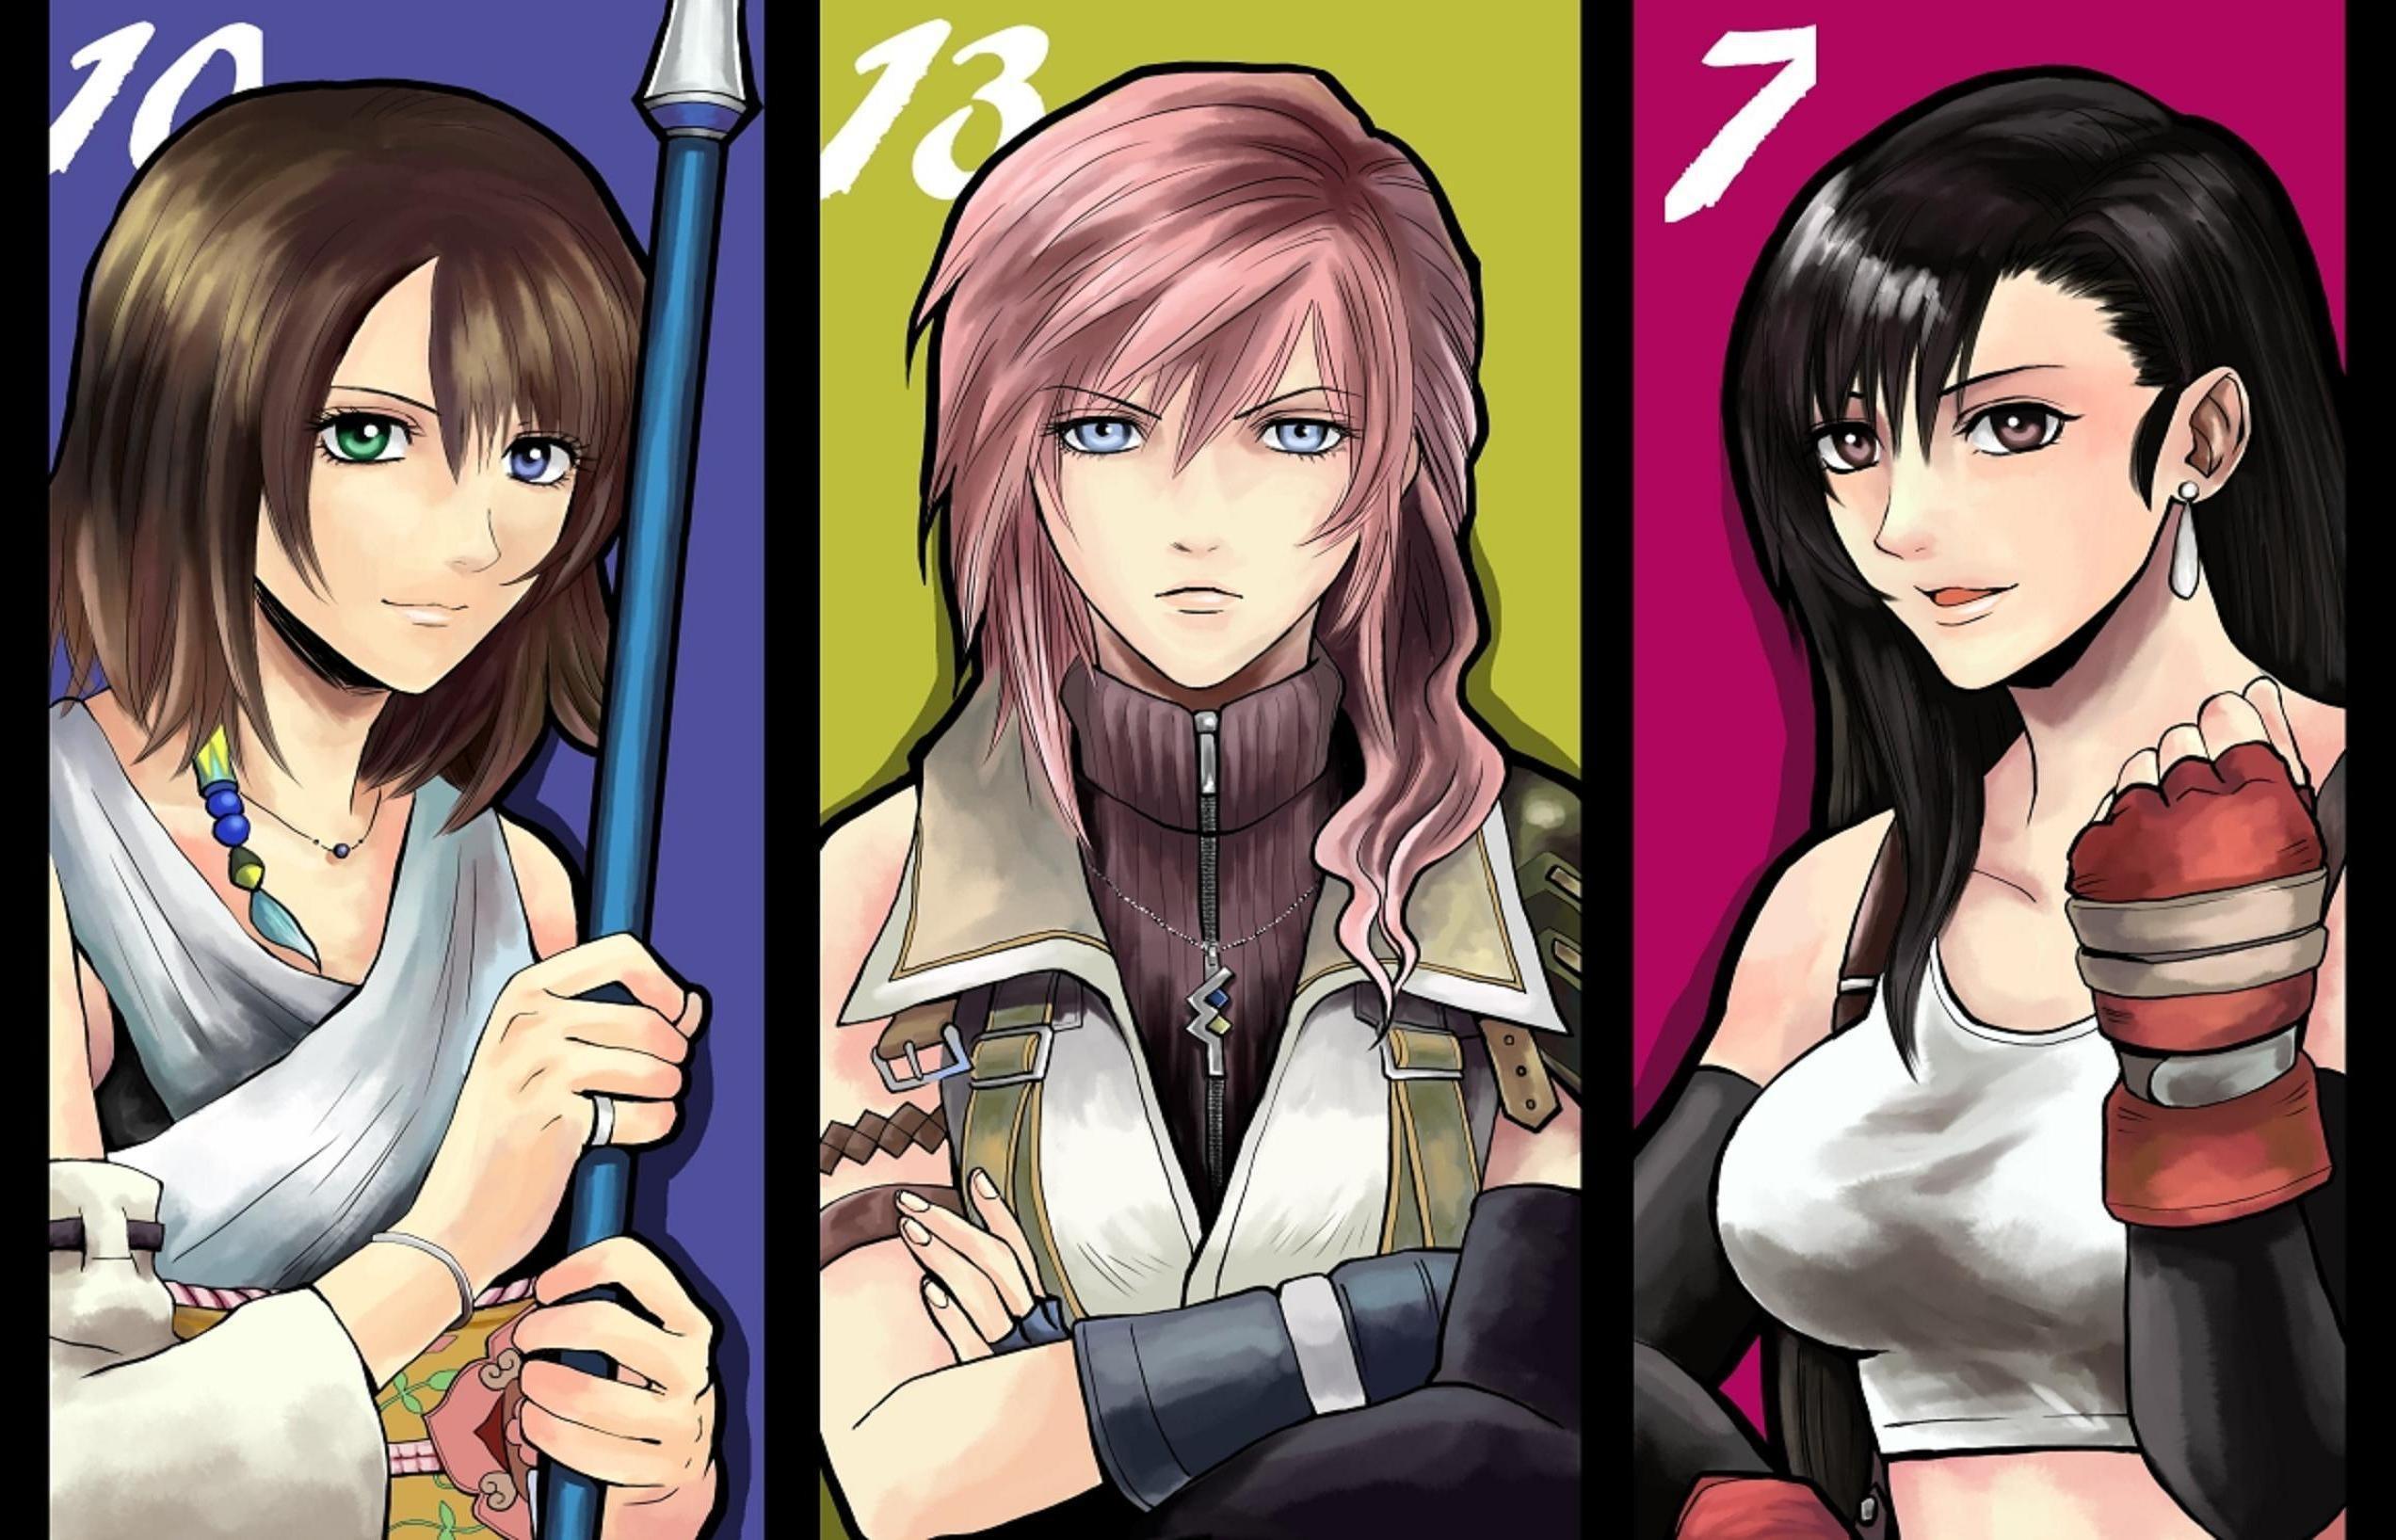 Res: 2545x1636, Yuna, Lightning, Tifa